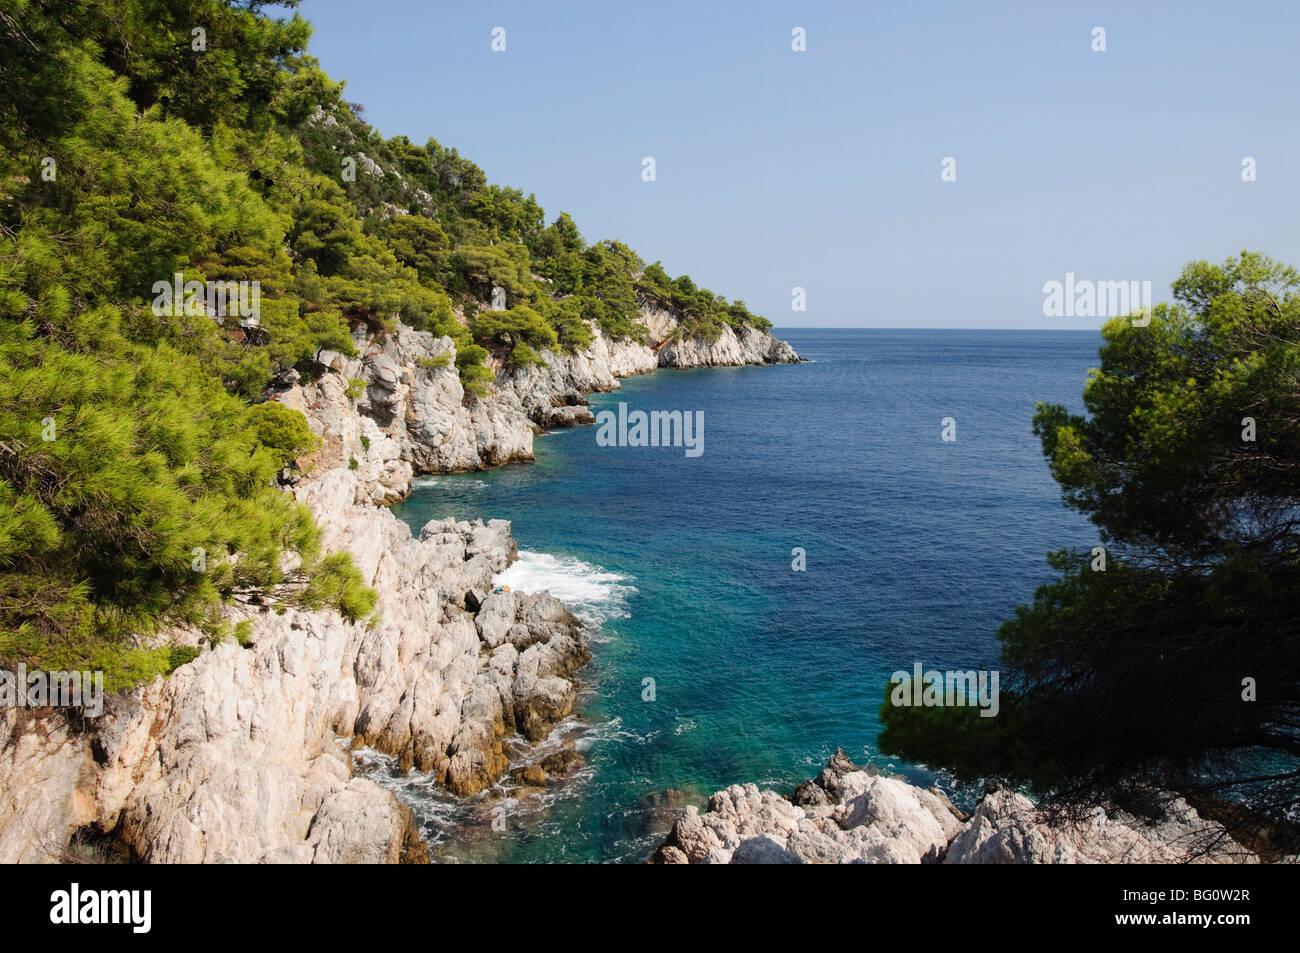 Vicino Agnotas, Skopelos, Isole Sporadi, isole greche, Grecia, Europa Immagini Stock